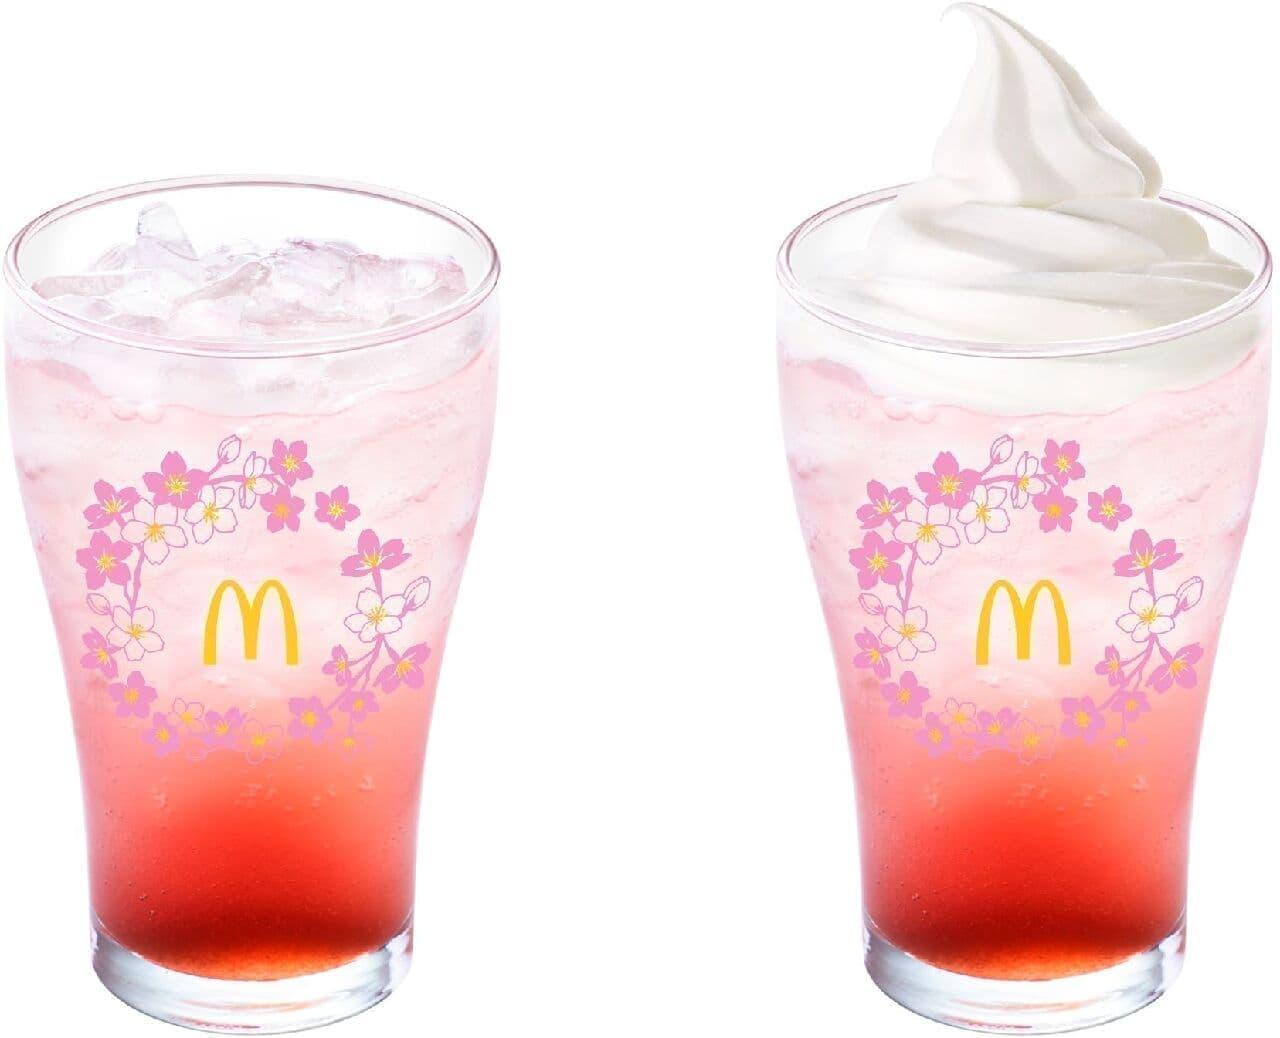 「マックフィズ 岩手県産白桃(果汁1%)」と「マックフロート 岩手県産白桃(果汁1%)」